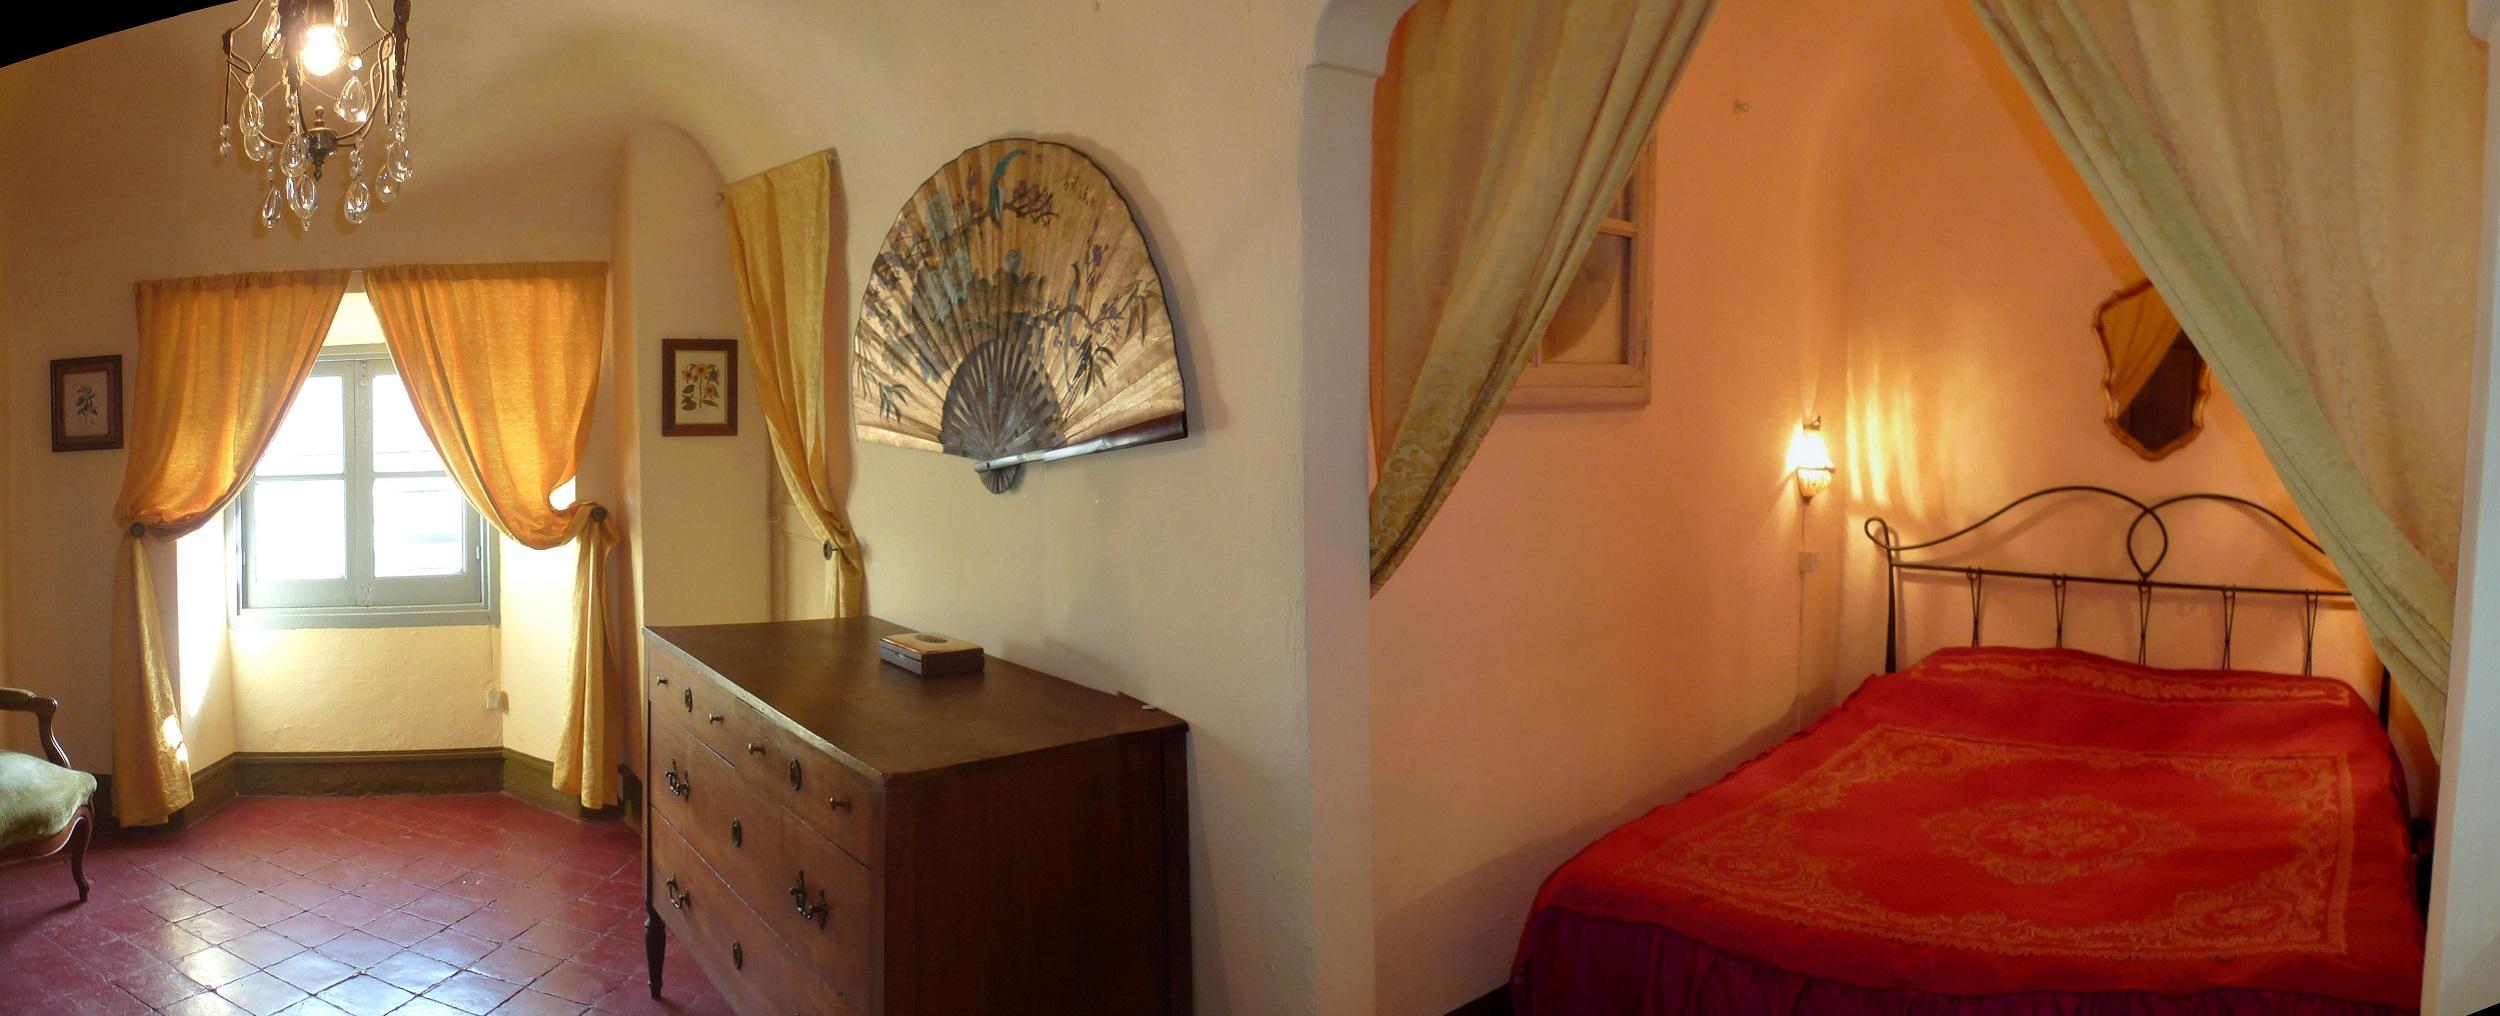 OS Castle - Dimora Storica - Romantico appartamento nella torre del Castello di Tassarolo